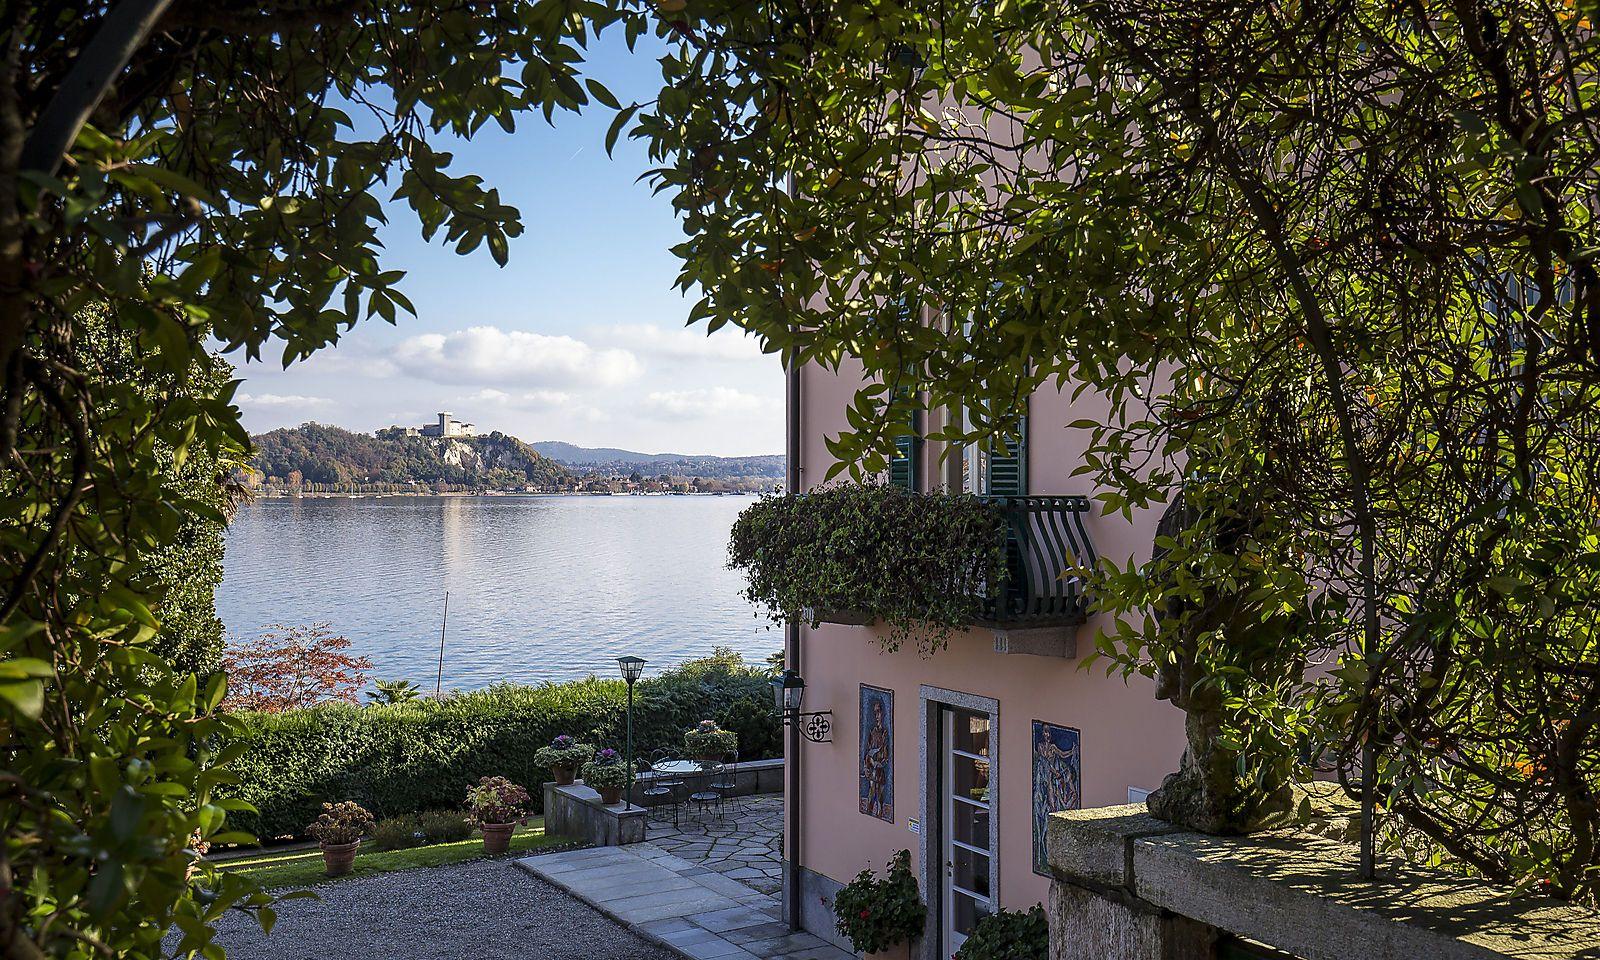 Villa Mondadori